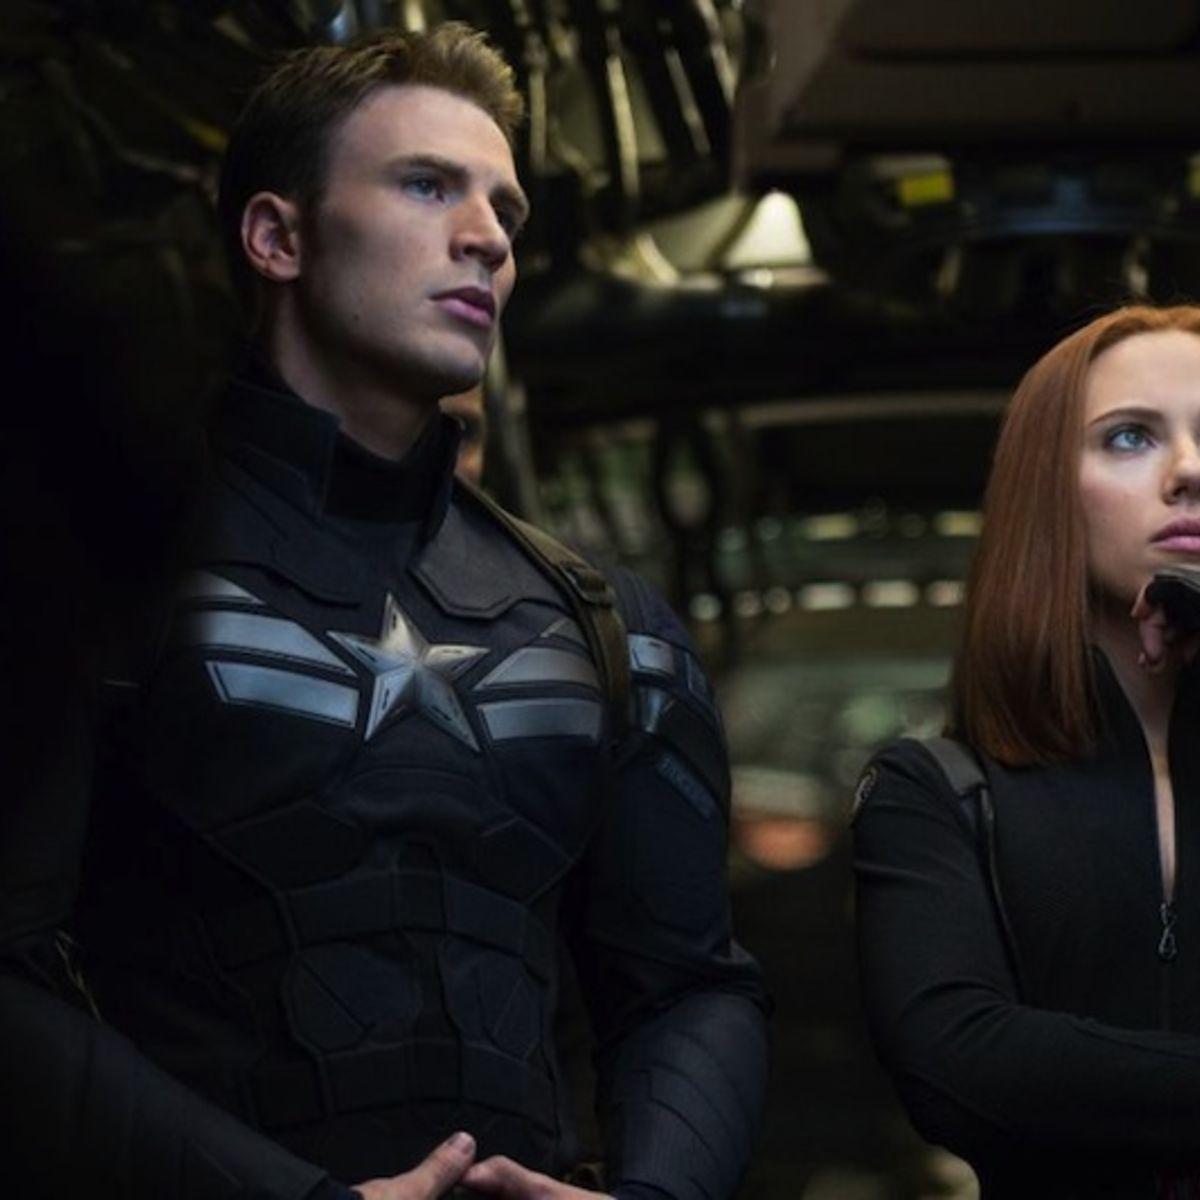 captain-america-superbowl.jpg